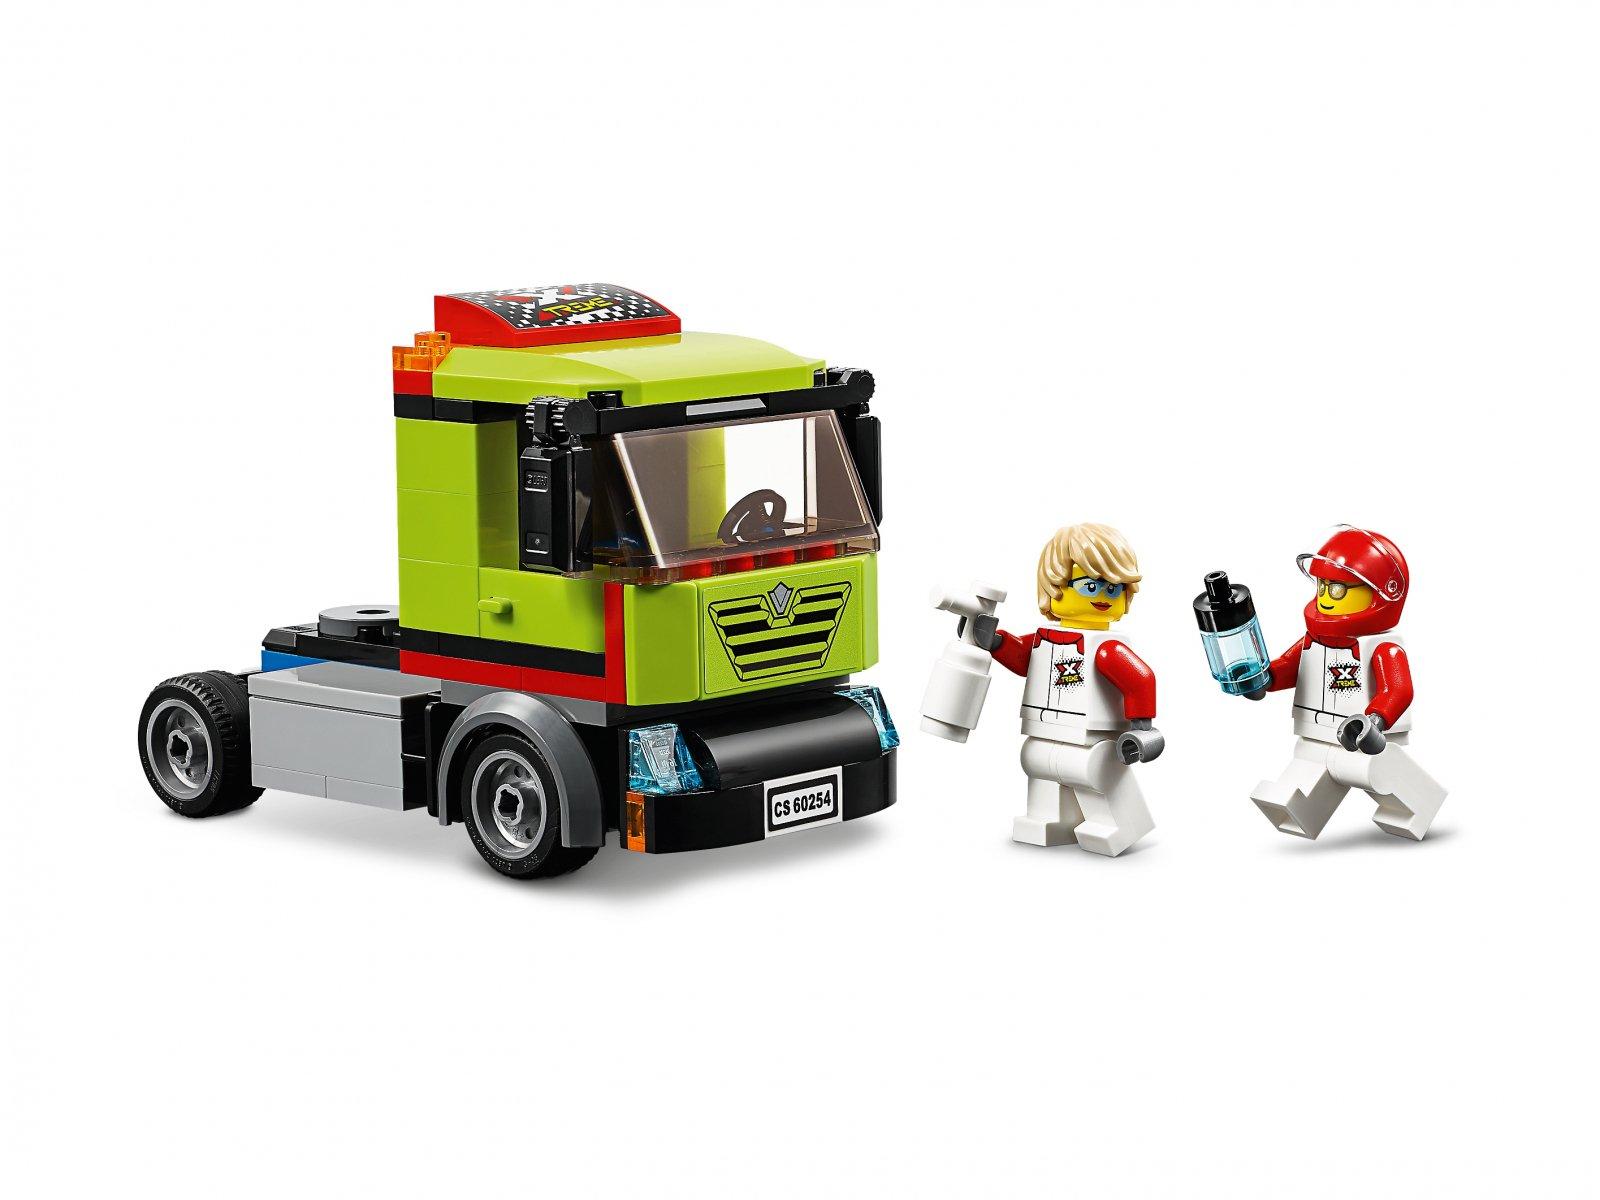 LEGO City 60254 Transporter łodzi wyścigowej